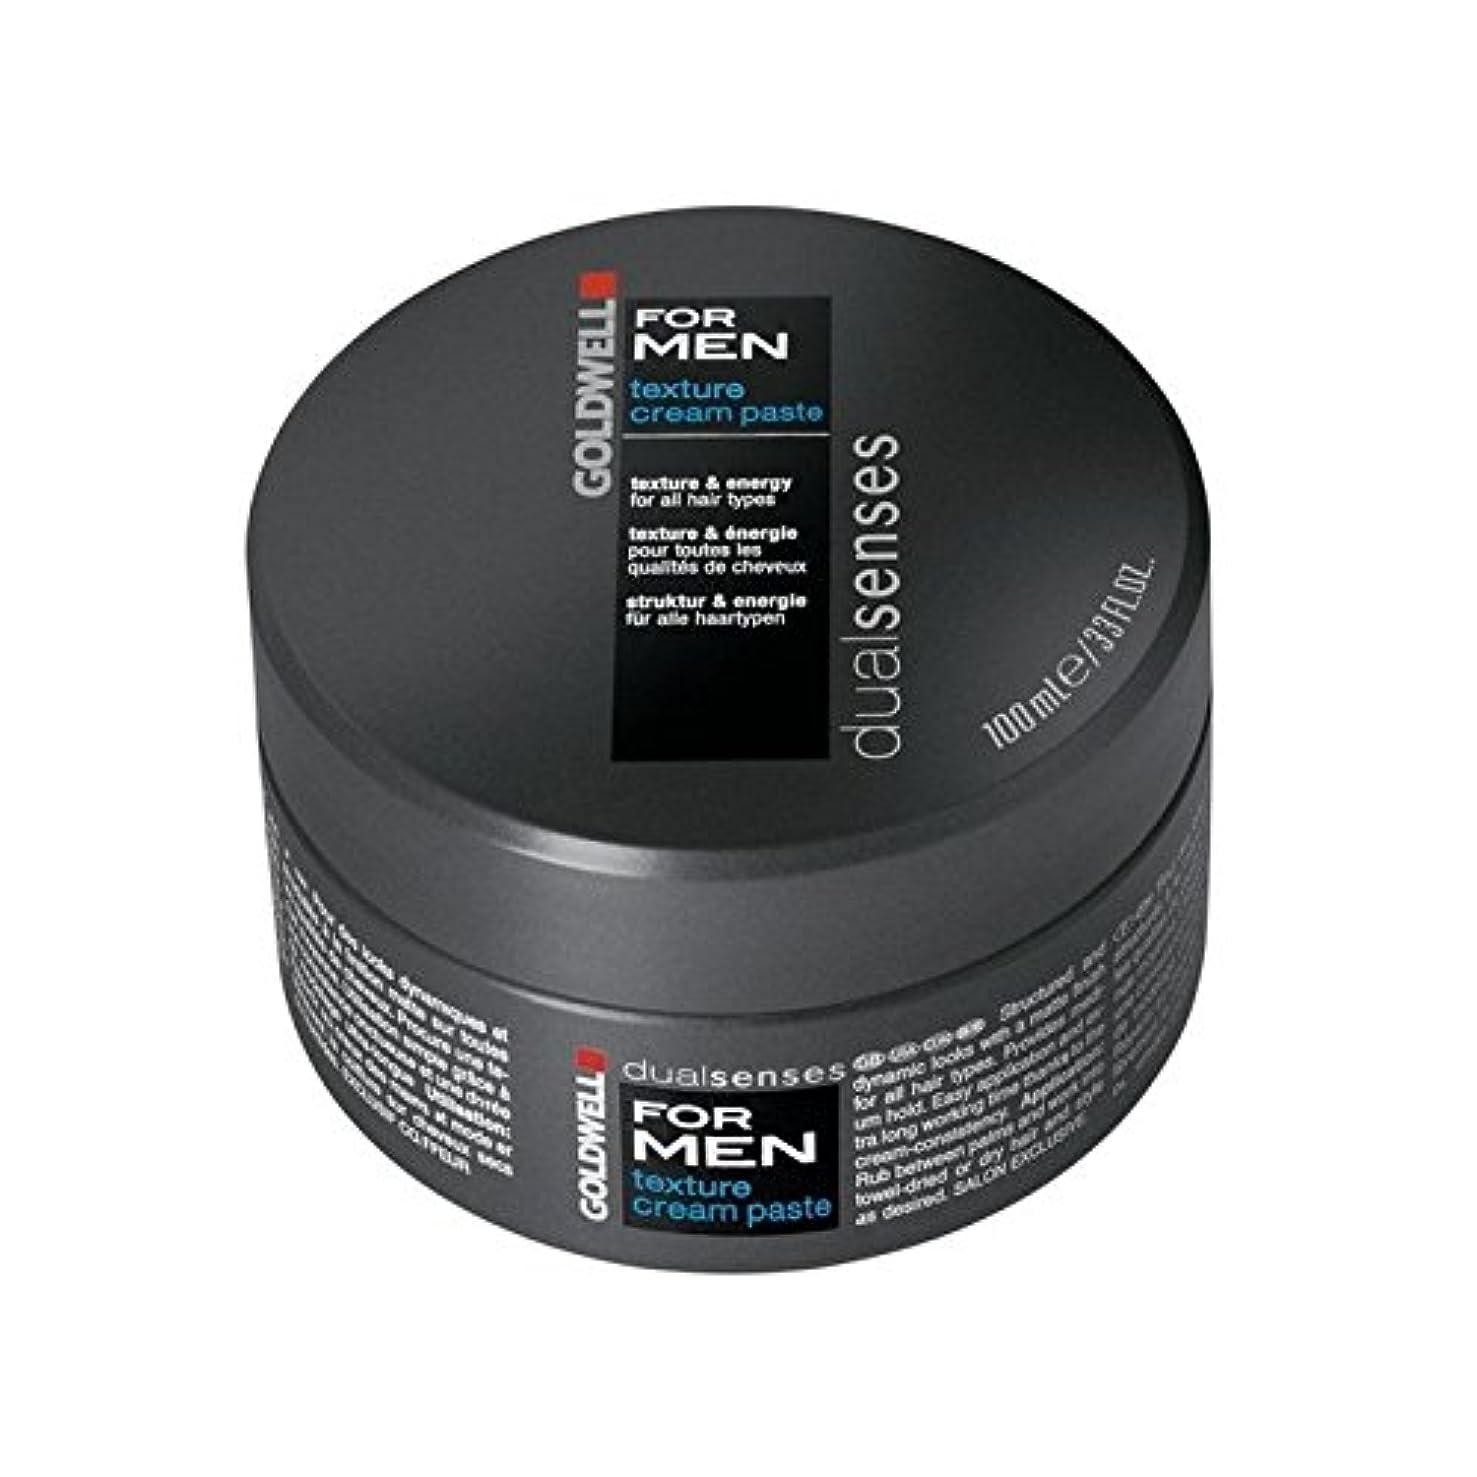 公平な熱帯の作業Goldwell Dualsenses For Men Texture Cream Paste (100ml) - 男性のテクスチャーのクリームペースト(100ミリリットル)のためのの [並行輸入品]